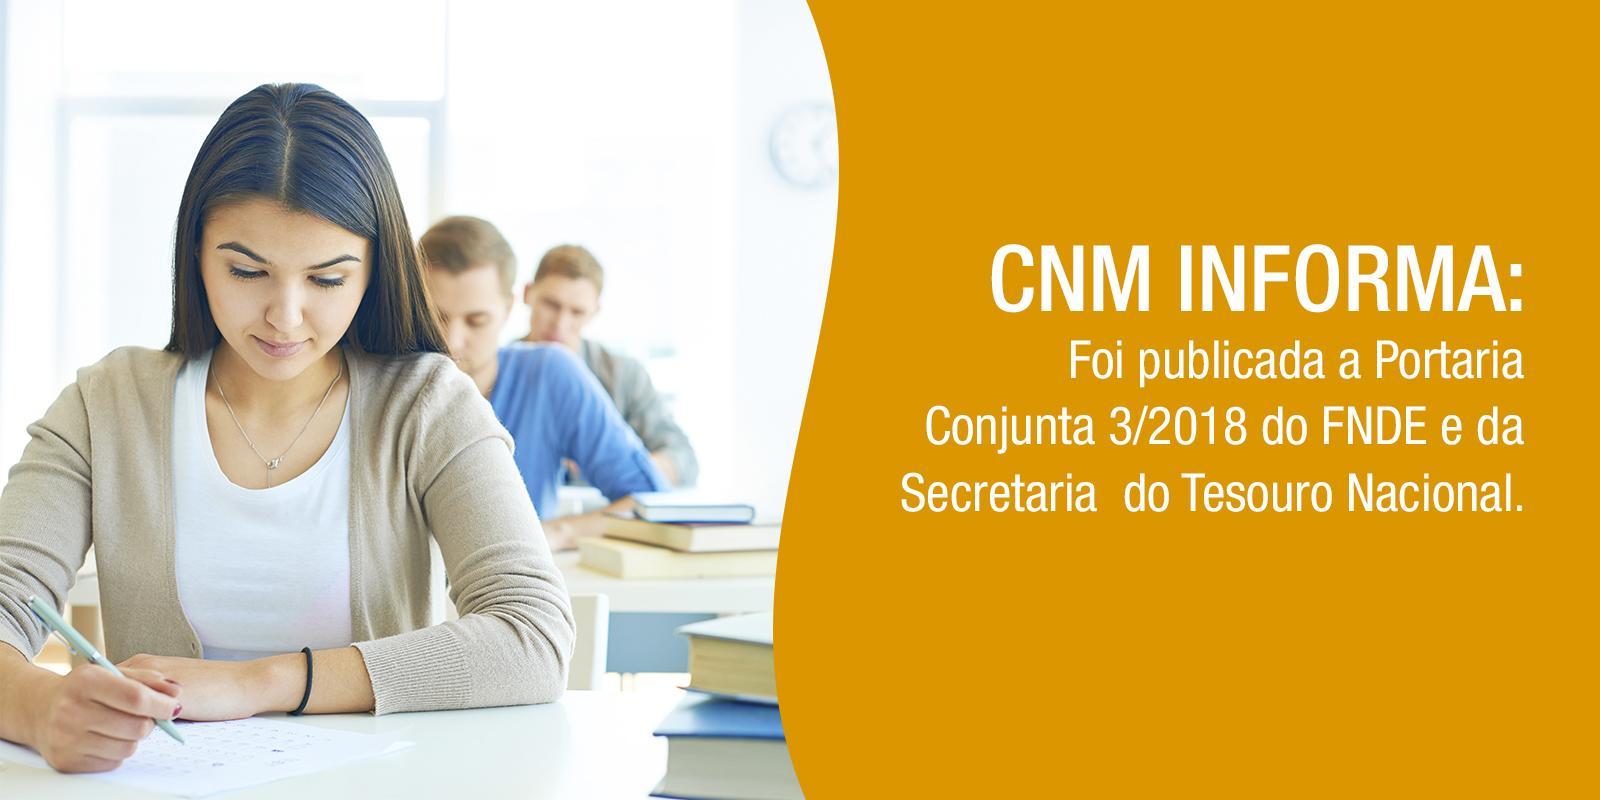 CNM informa: Publicada nova Portaria com prorrogação de prazo para secretarias de educação criarem CNPJ próprio para receber recursos do Fundeb